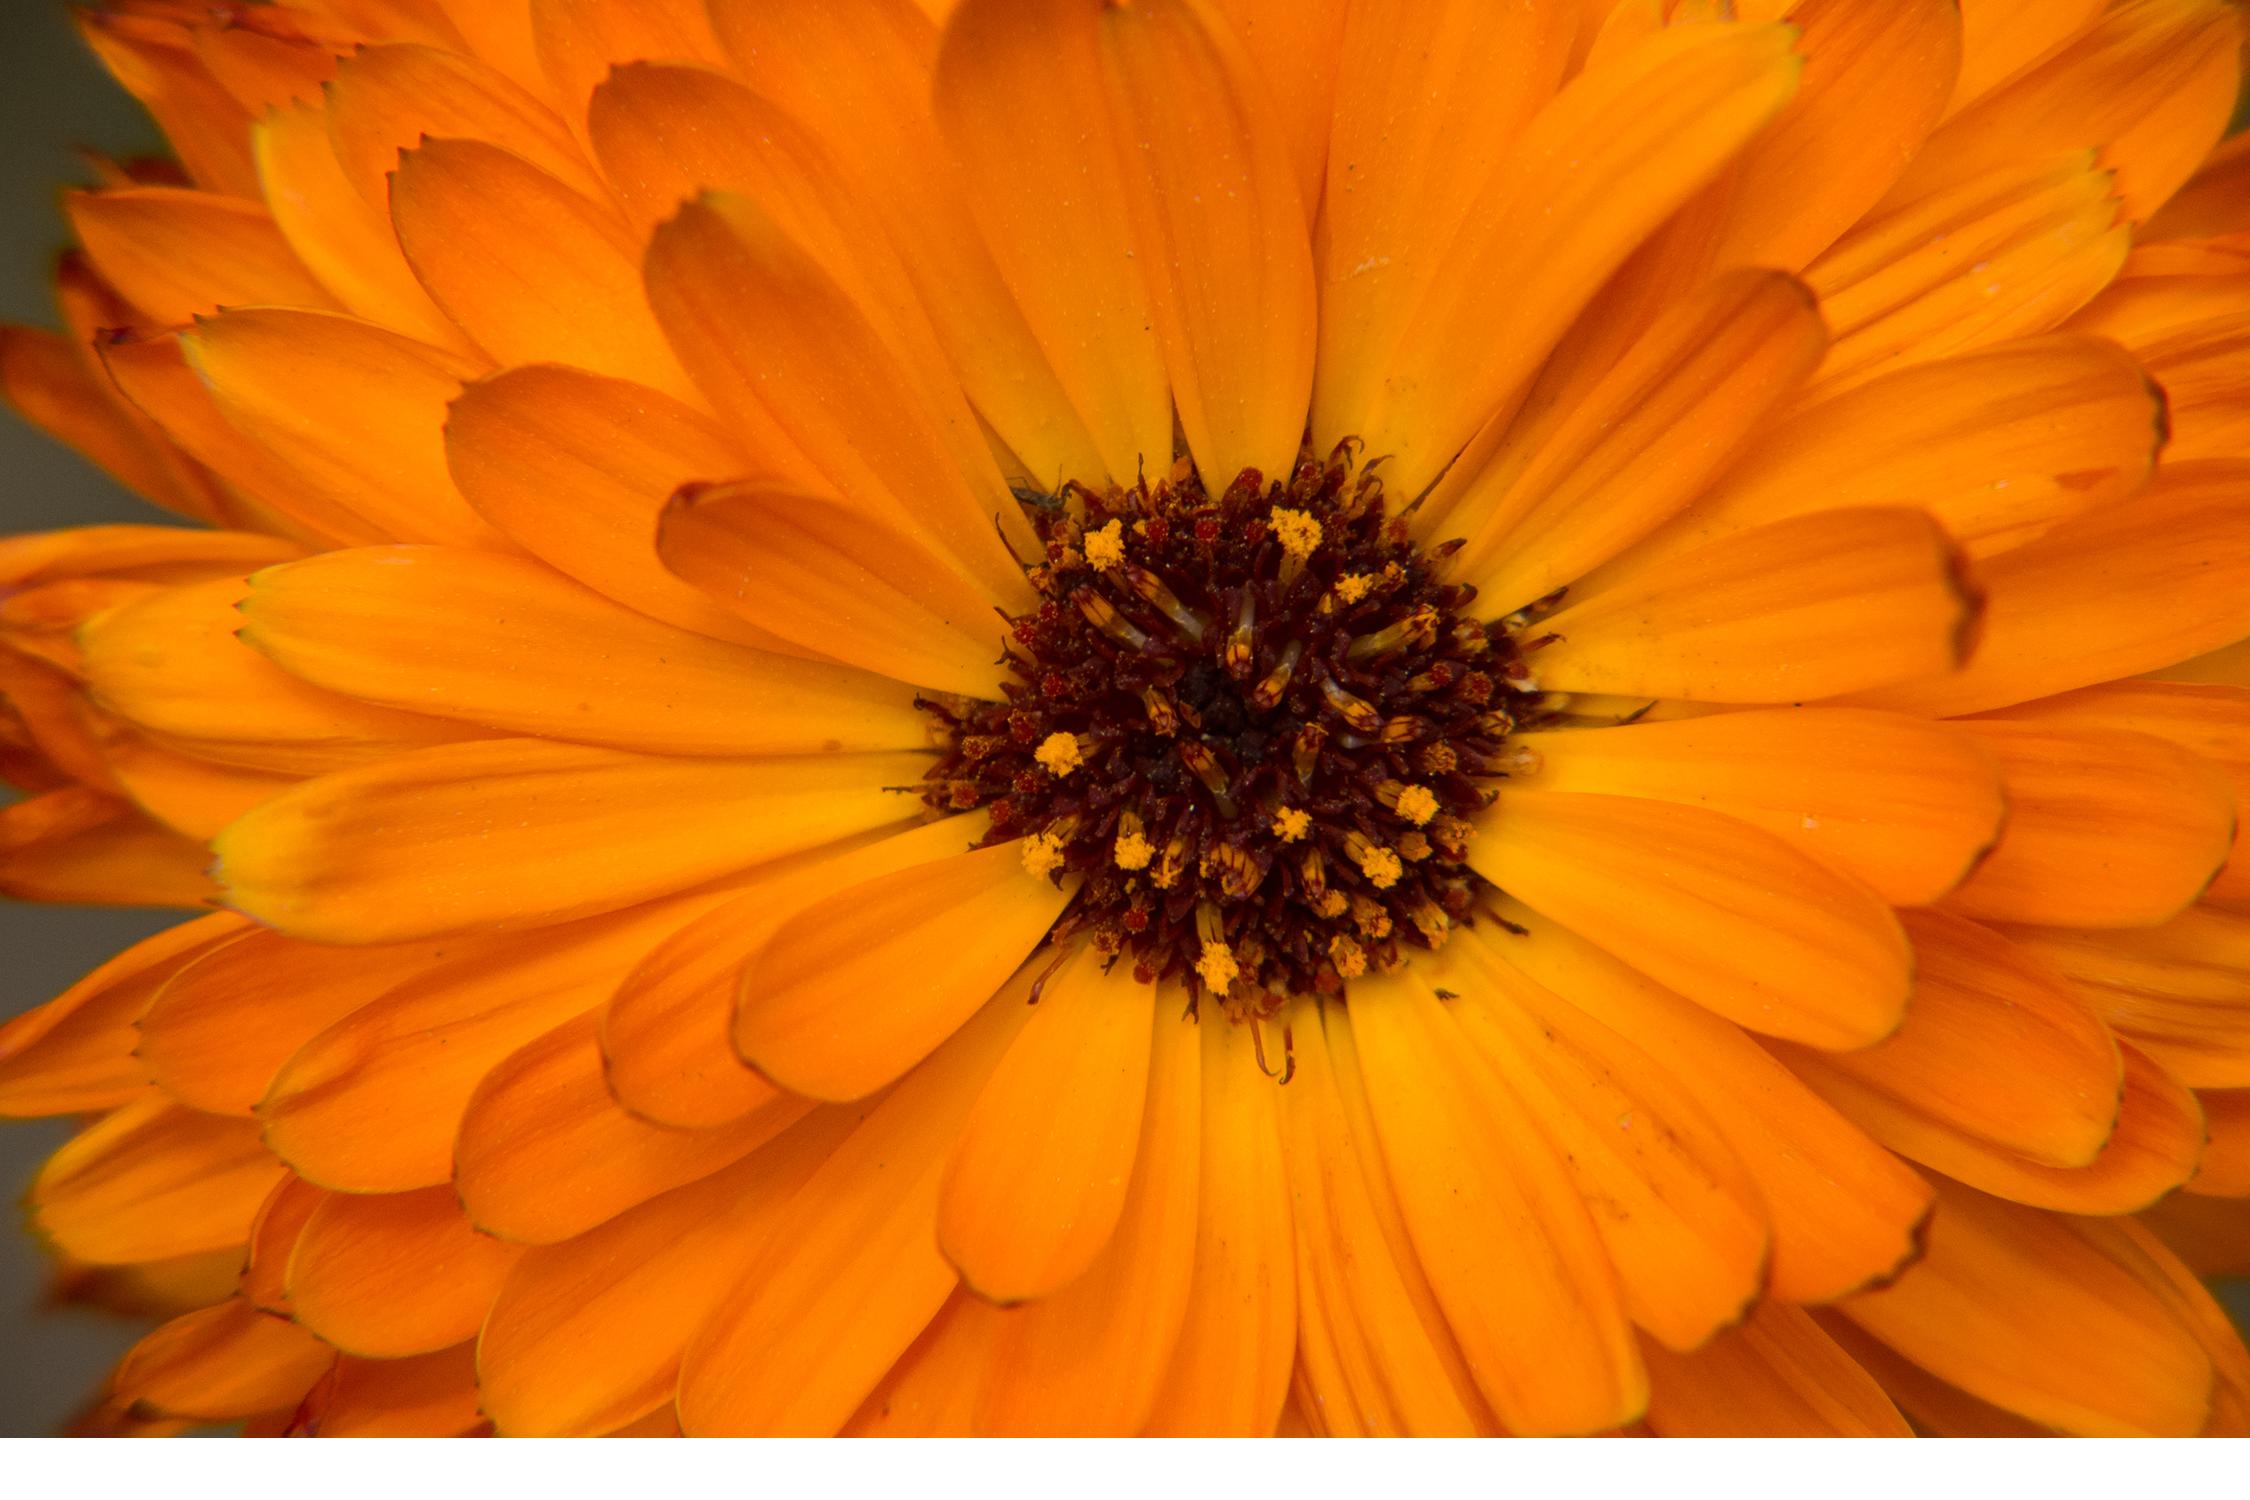 BenMiller_OrangeFlower.png